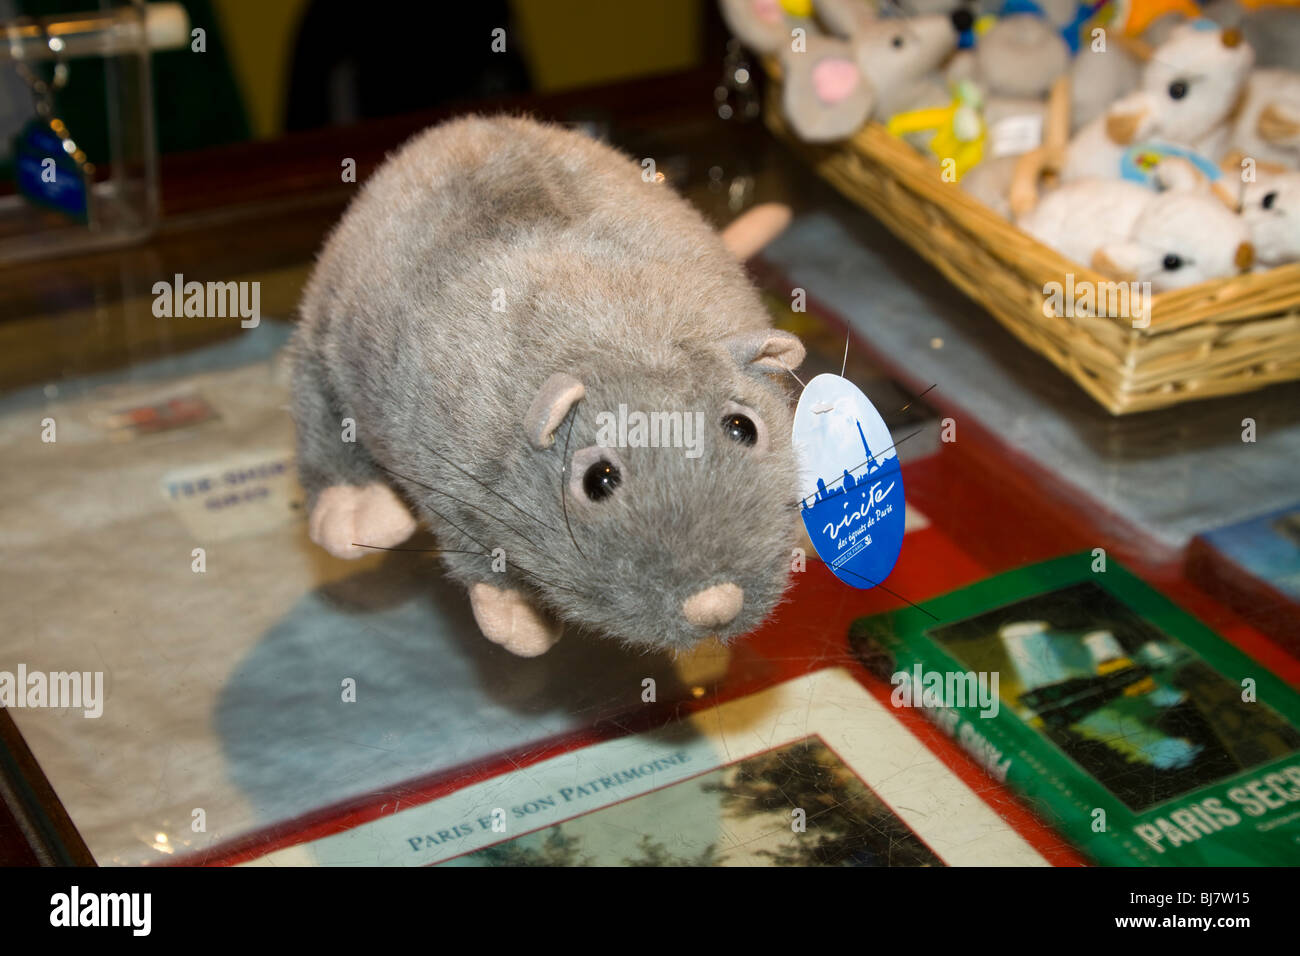 Soft toy rat in the gift shop @ the tourist tour of the Paris sewers – Visite Des Egouts De Paris / sewer visit - Stock Image